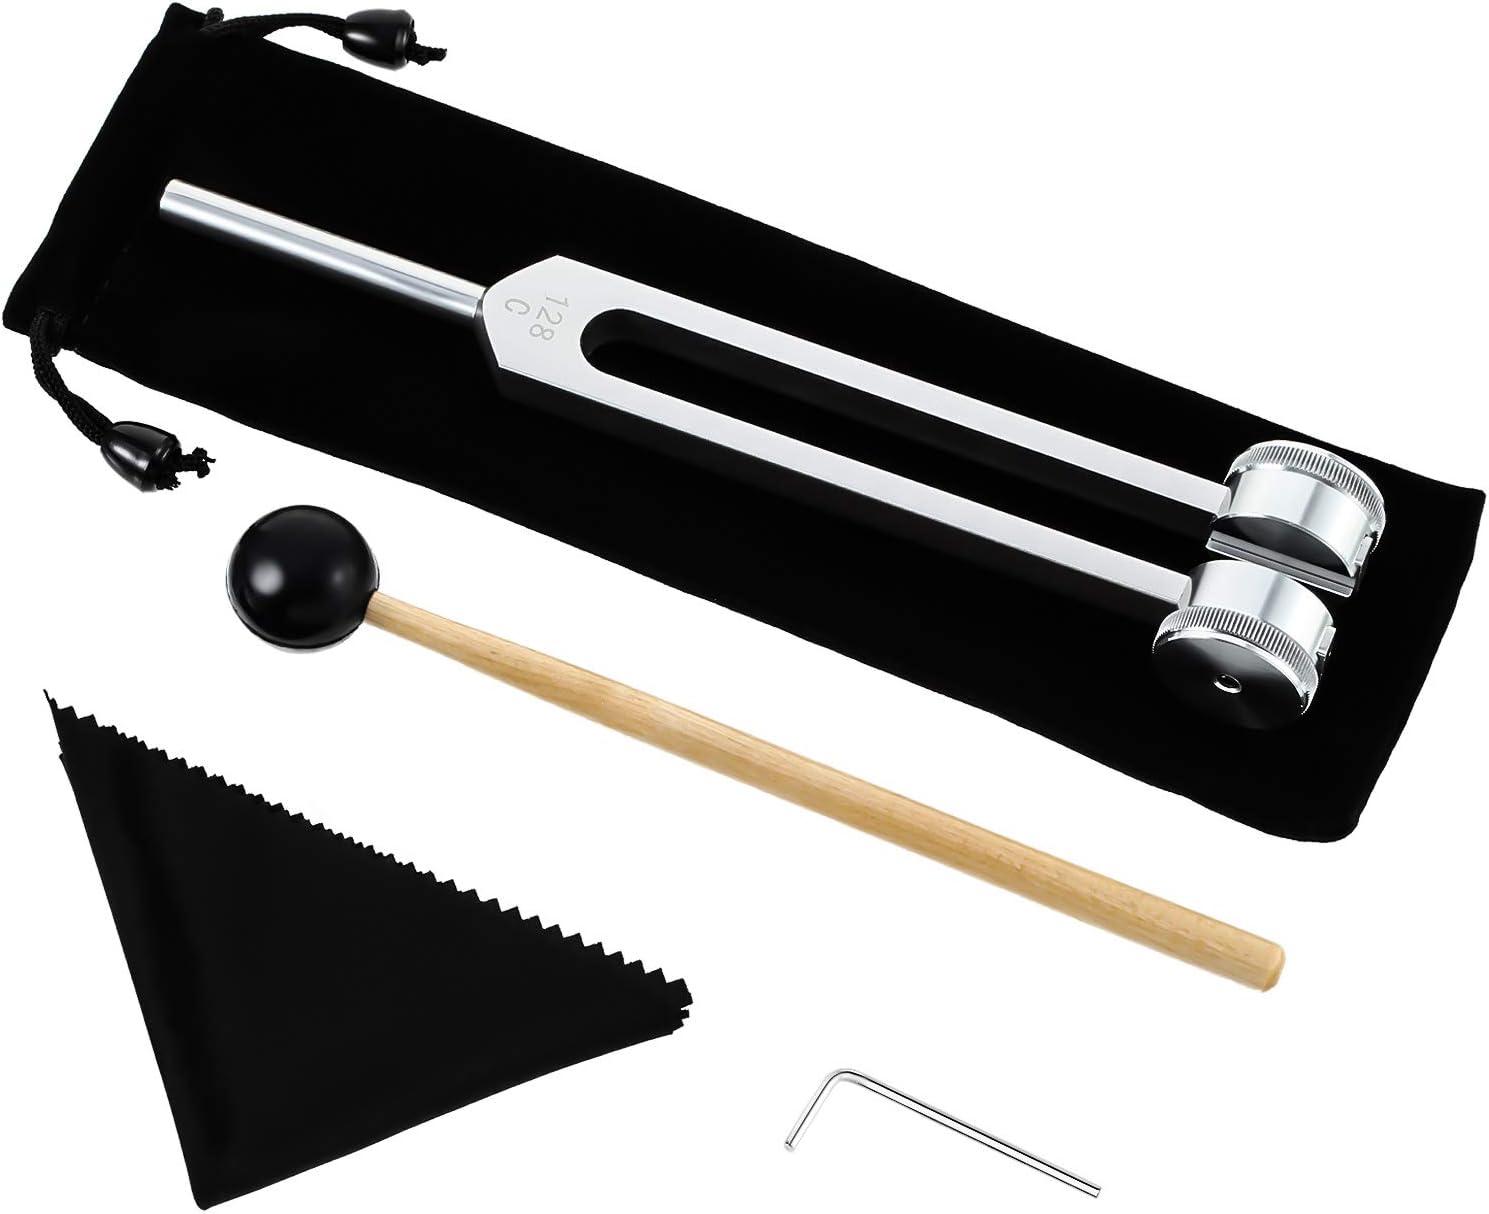 Horquilla de afinación de 128 Hz Horquilla de aleación de aluminio que ofrece respuesta de frecuencia precisa con un martillo de silicona, herramienta de reparación y paño de limpieza